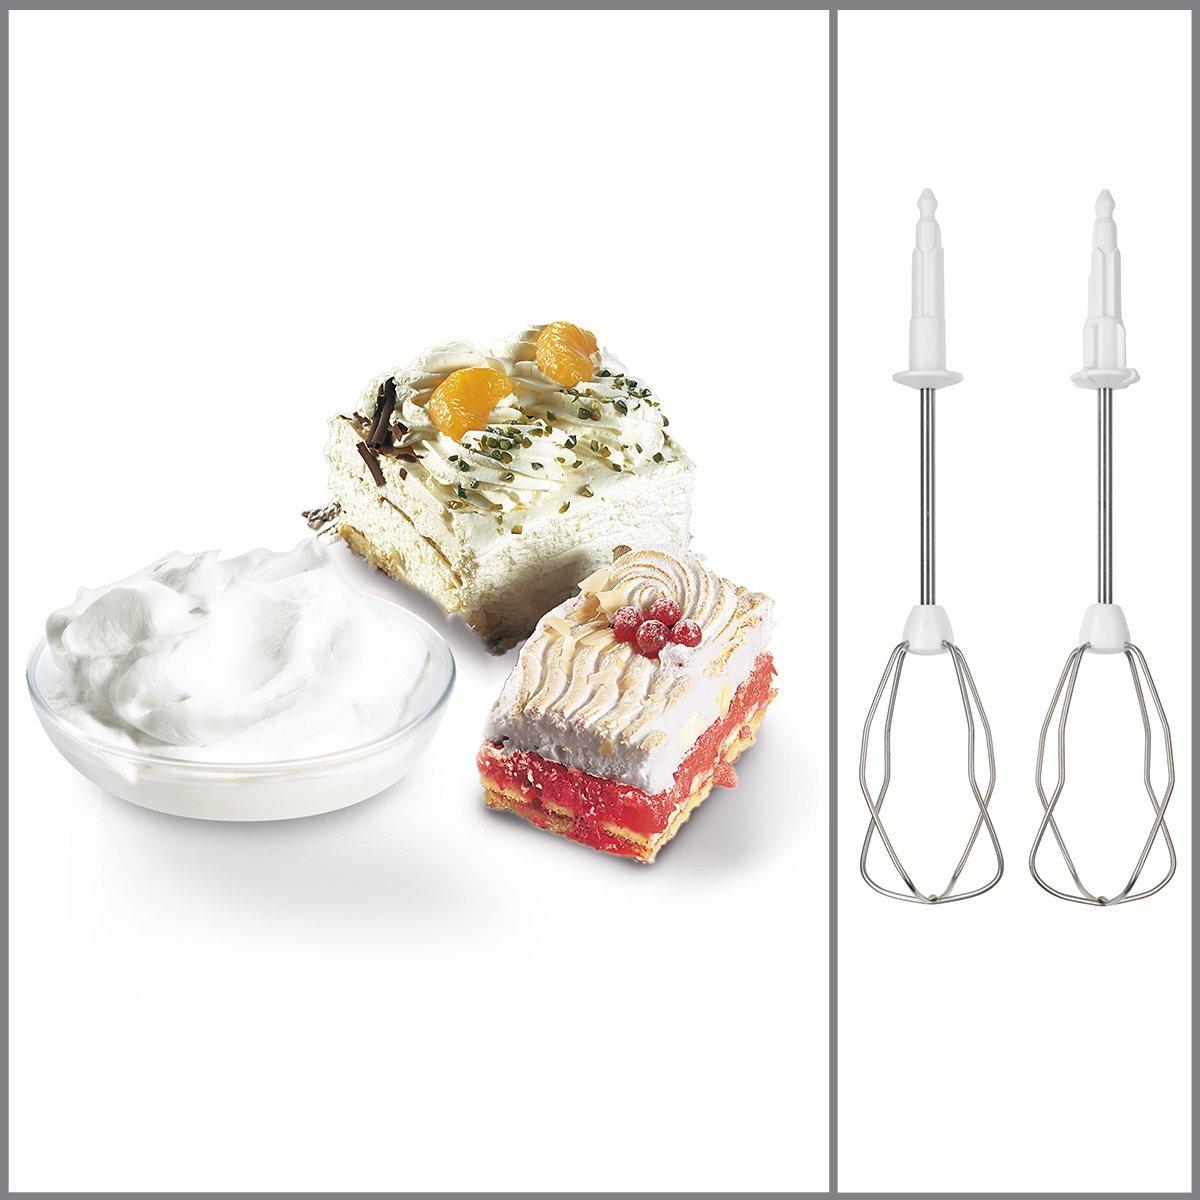 phụ kiện que lồng dùng đánh kem, trứng